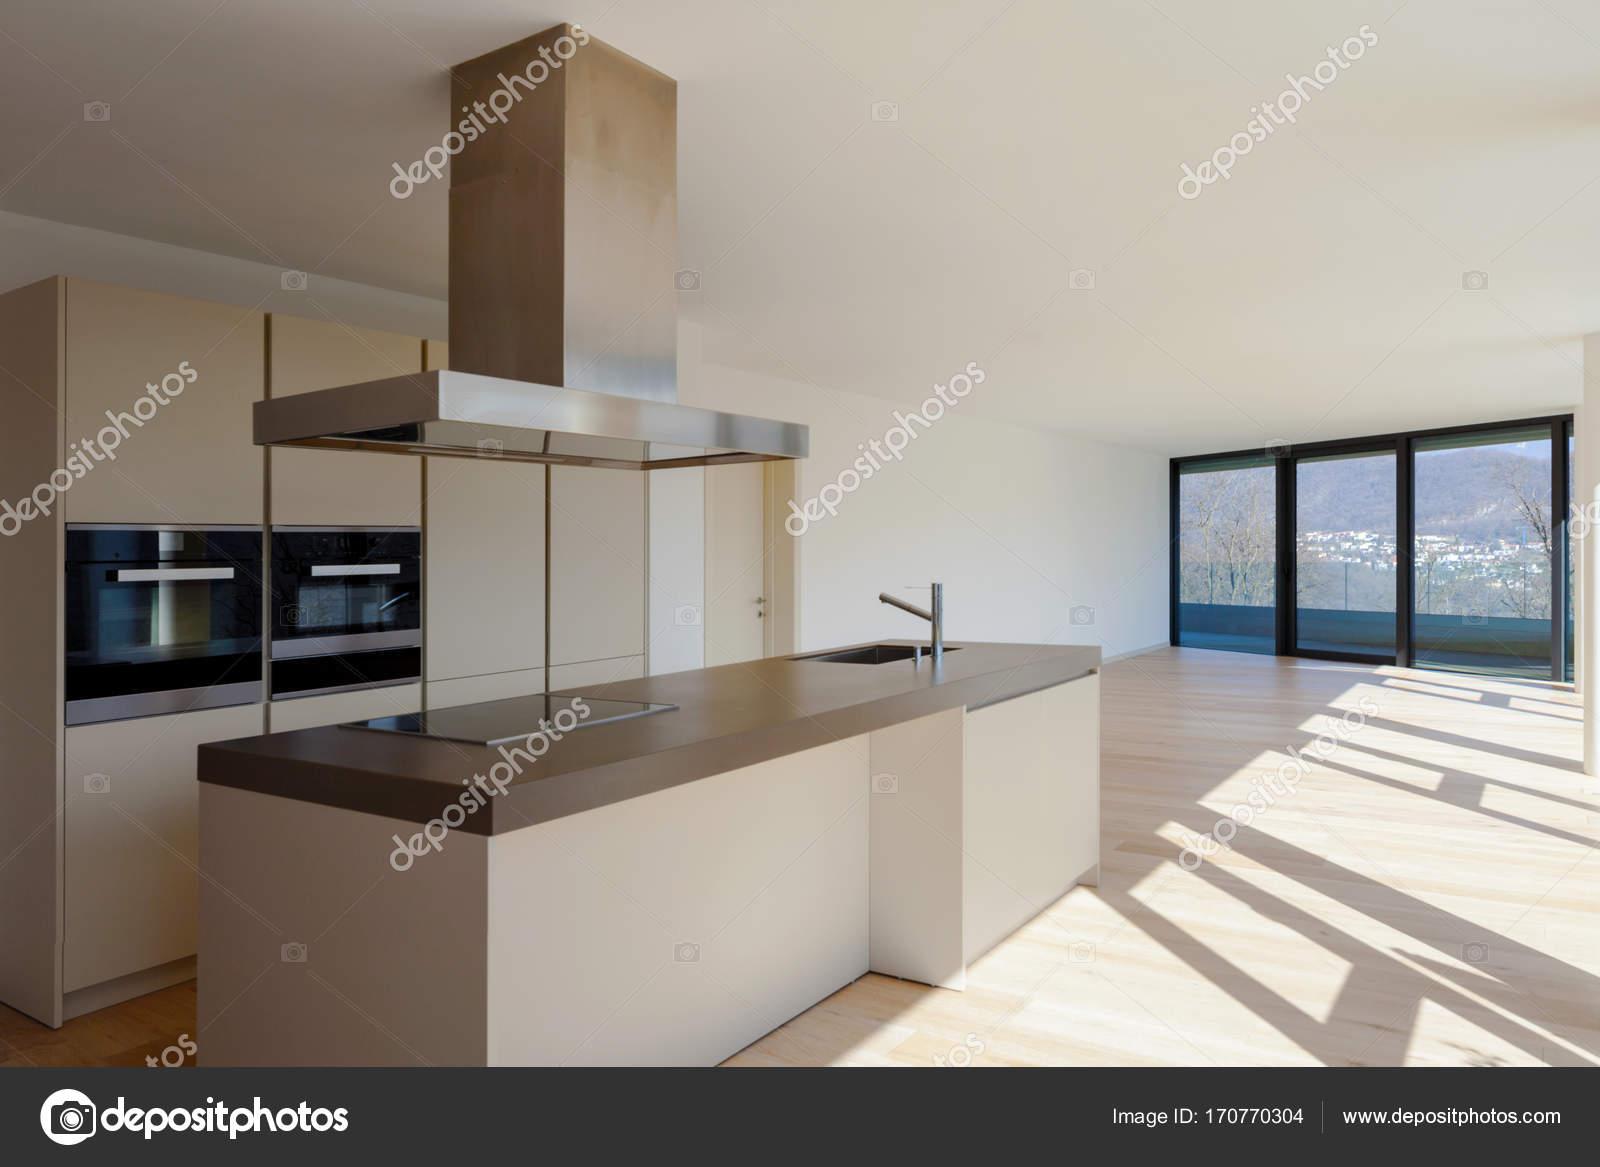 Interieur van een modern huis gewoon een kamer leeg u2014 stockfoto